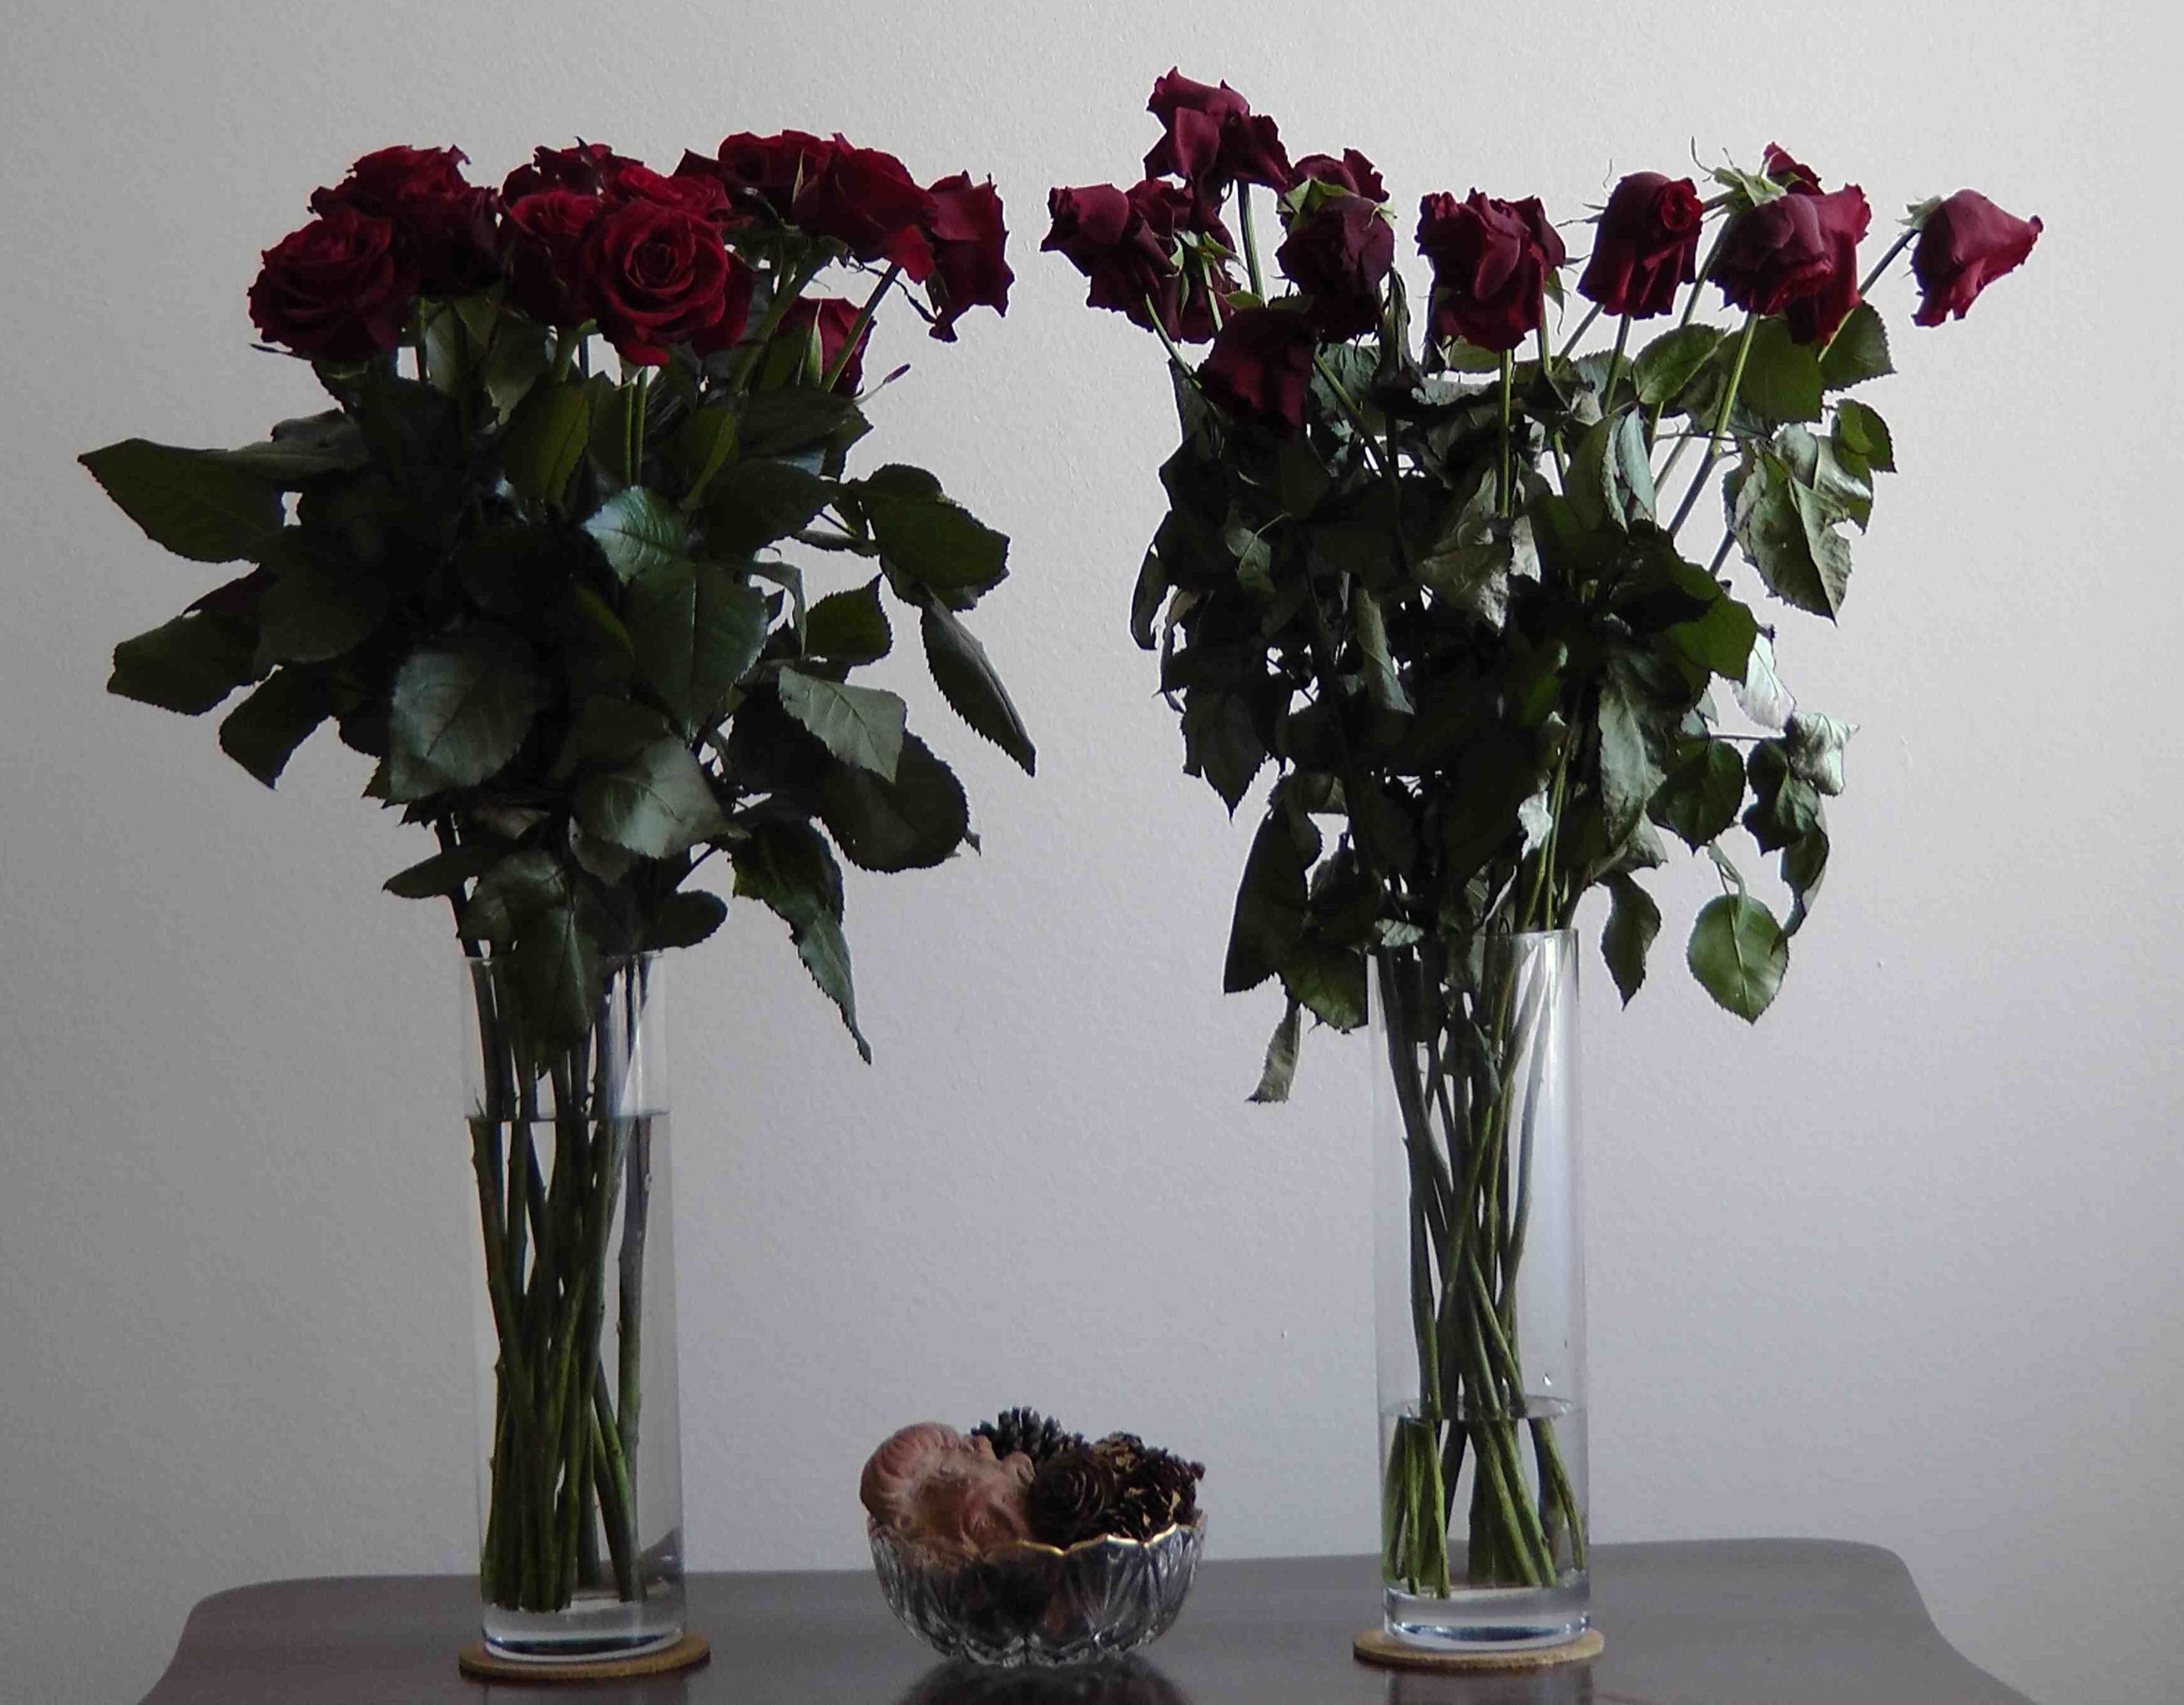 Roses privilégiées, Roses discriminées, #3, source : vagabondssanstreves.com